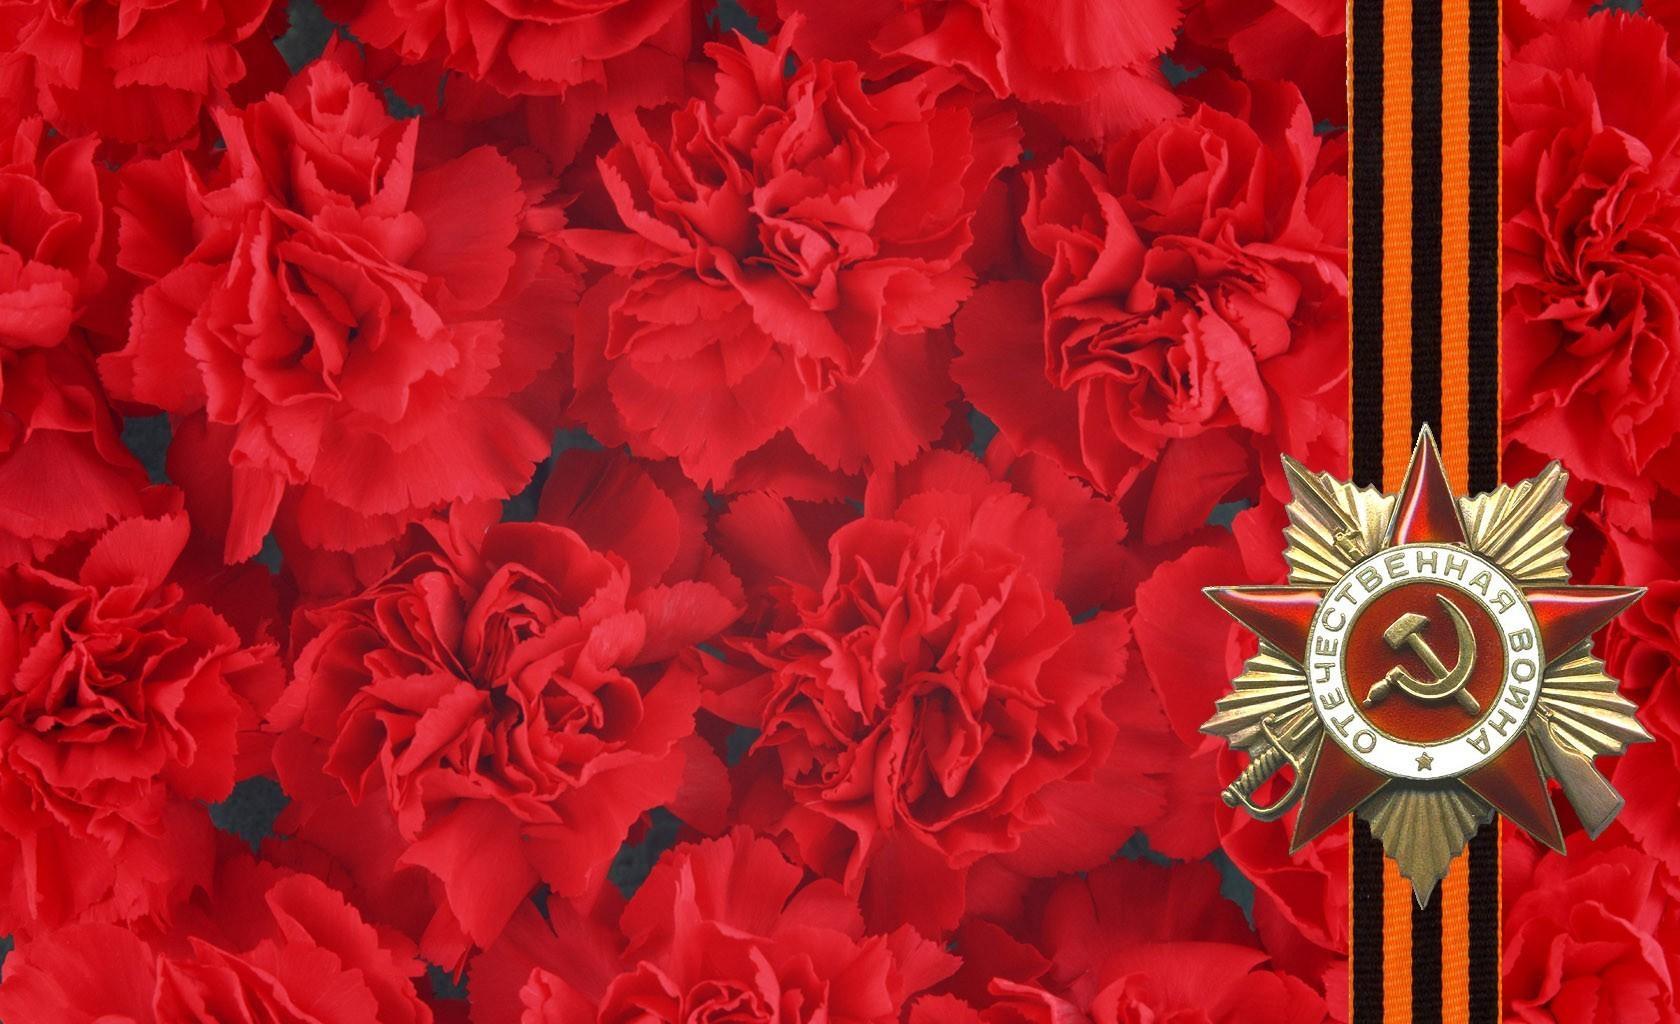 147111 скачать обои Гвоздики, Праздники, Праздник, Звезда, 9 Мая, Георгиевская Лента, Память, Победа - заставки и картинки бесплатно